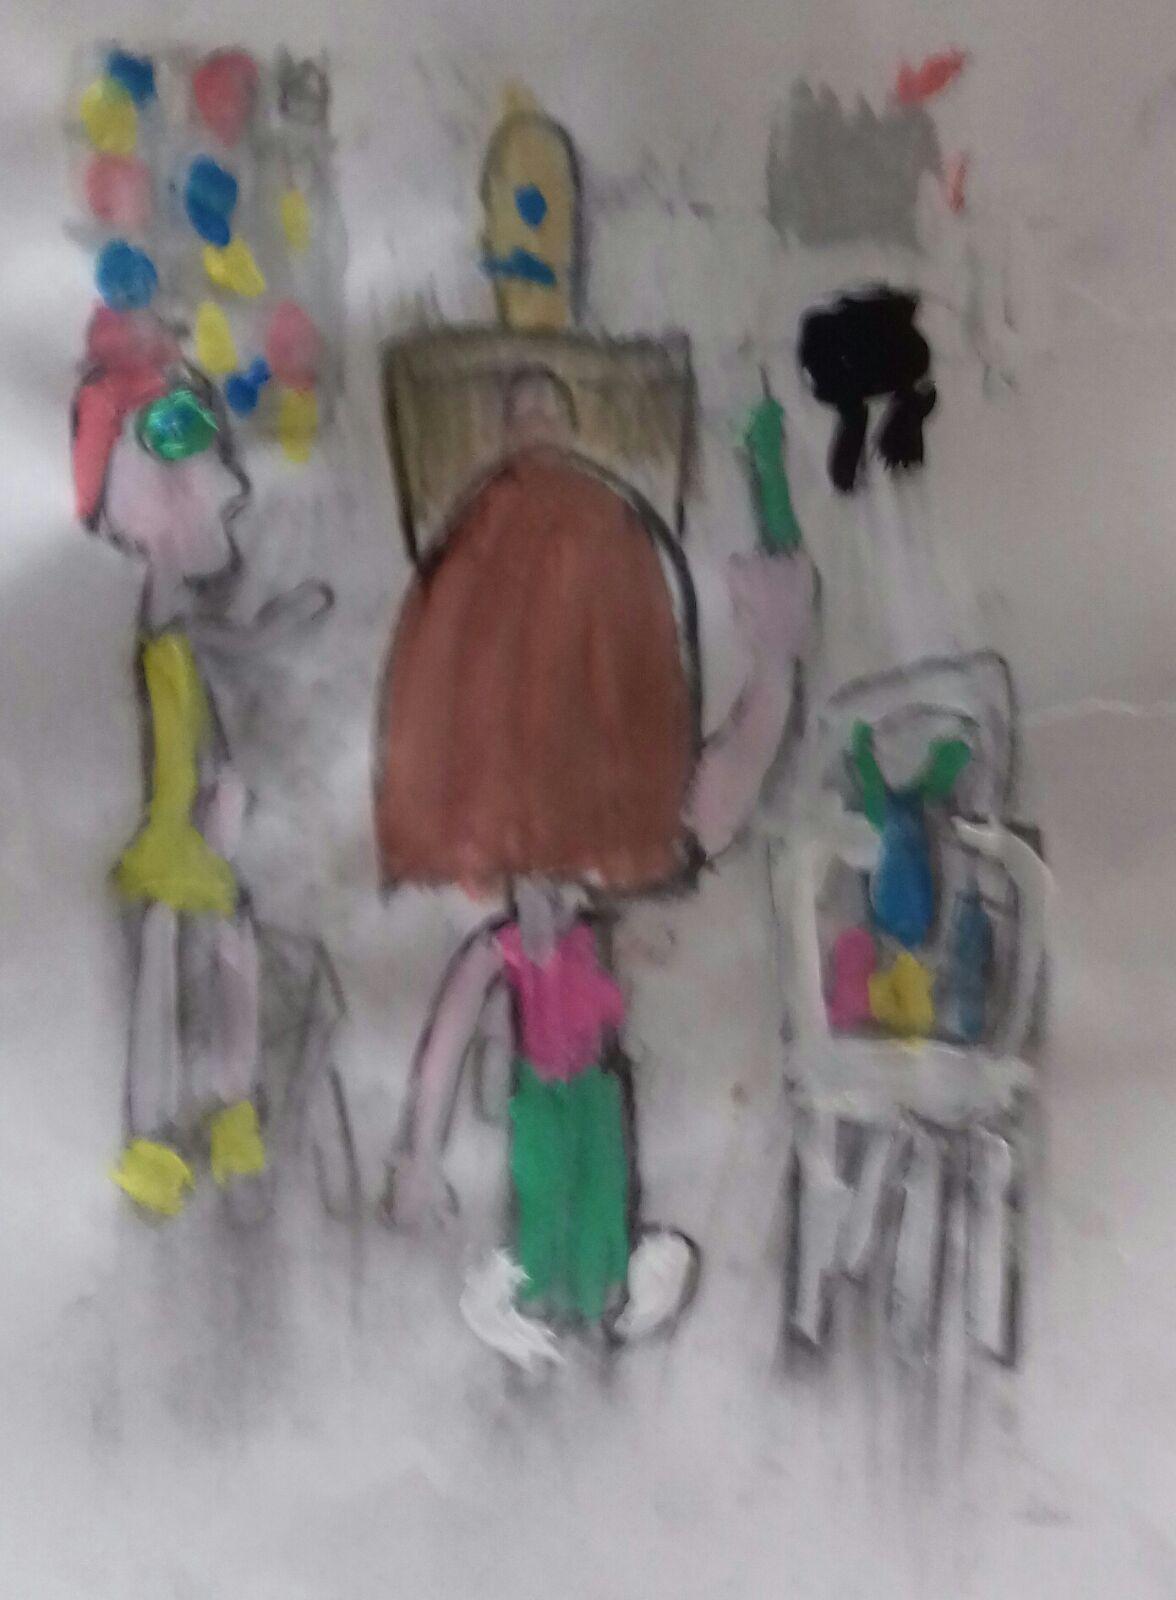 EXITO DEL CAMPUS DE VERANO…  ¿QUÉ FUE ANTES? … ¿ pintura o realidad?…. Encuentra los 7 errores…